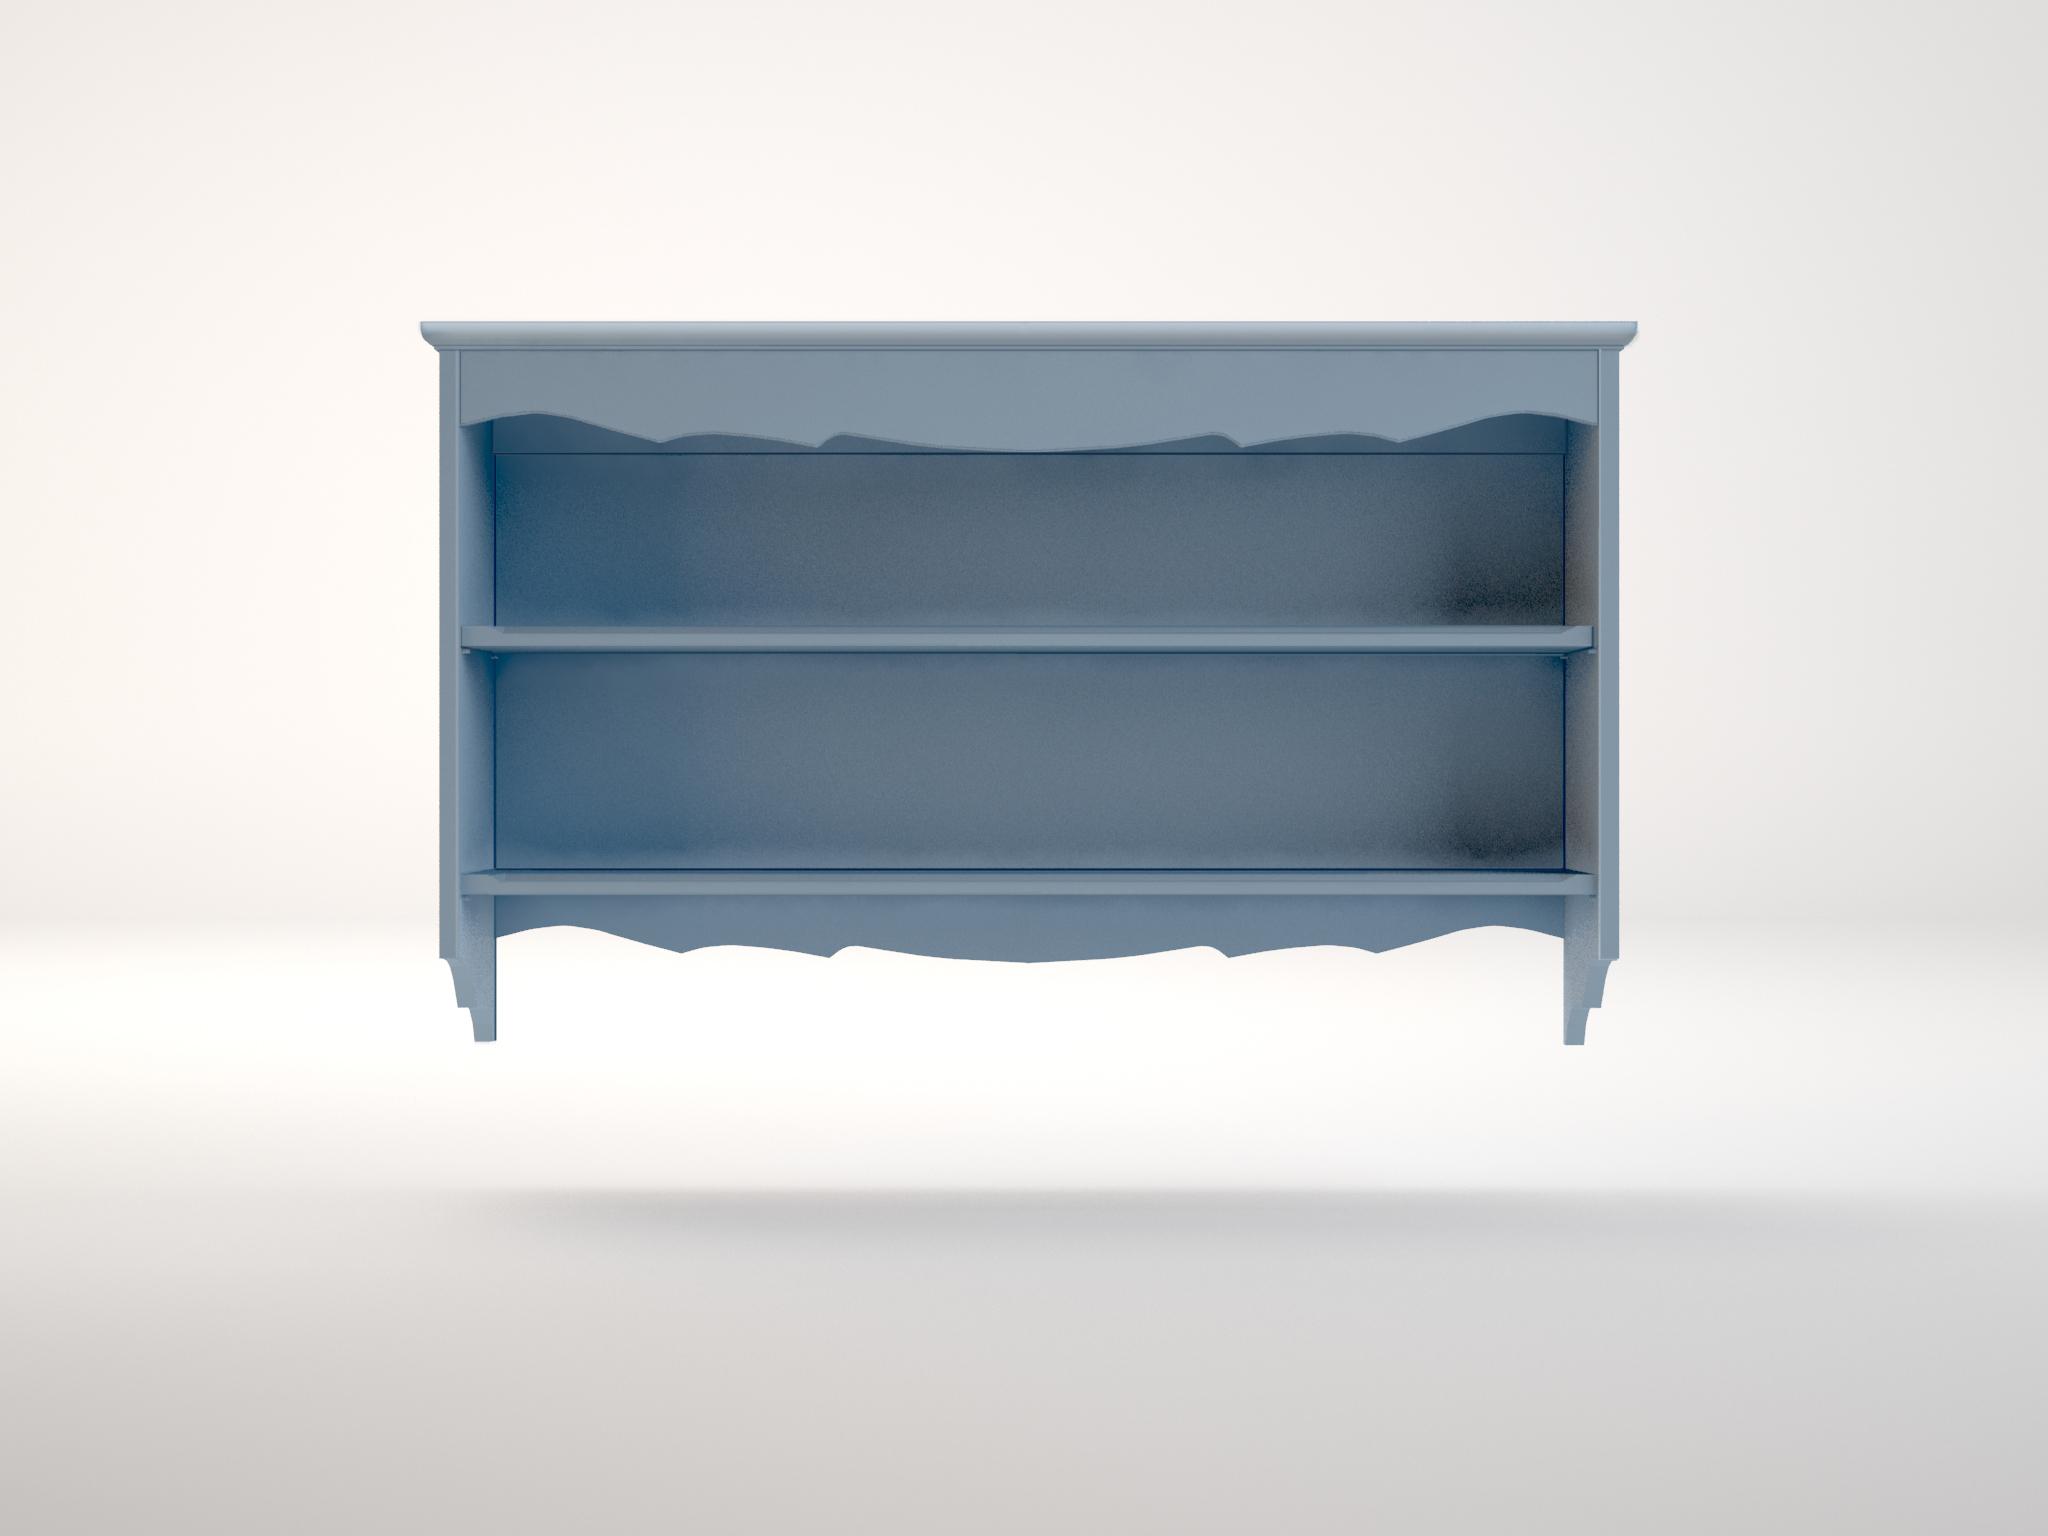 Полка голубая LeontinaПолки<br><br><br>Material: Береза<br>Ширина см: 123<br>Высота см: 75<br>Глубина см: 23